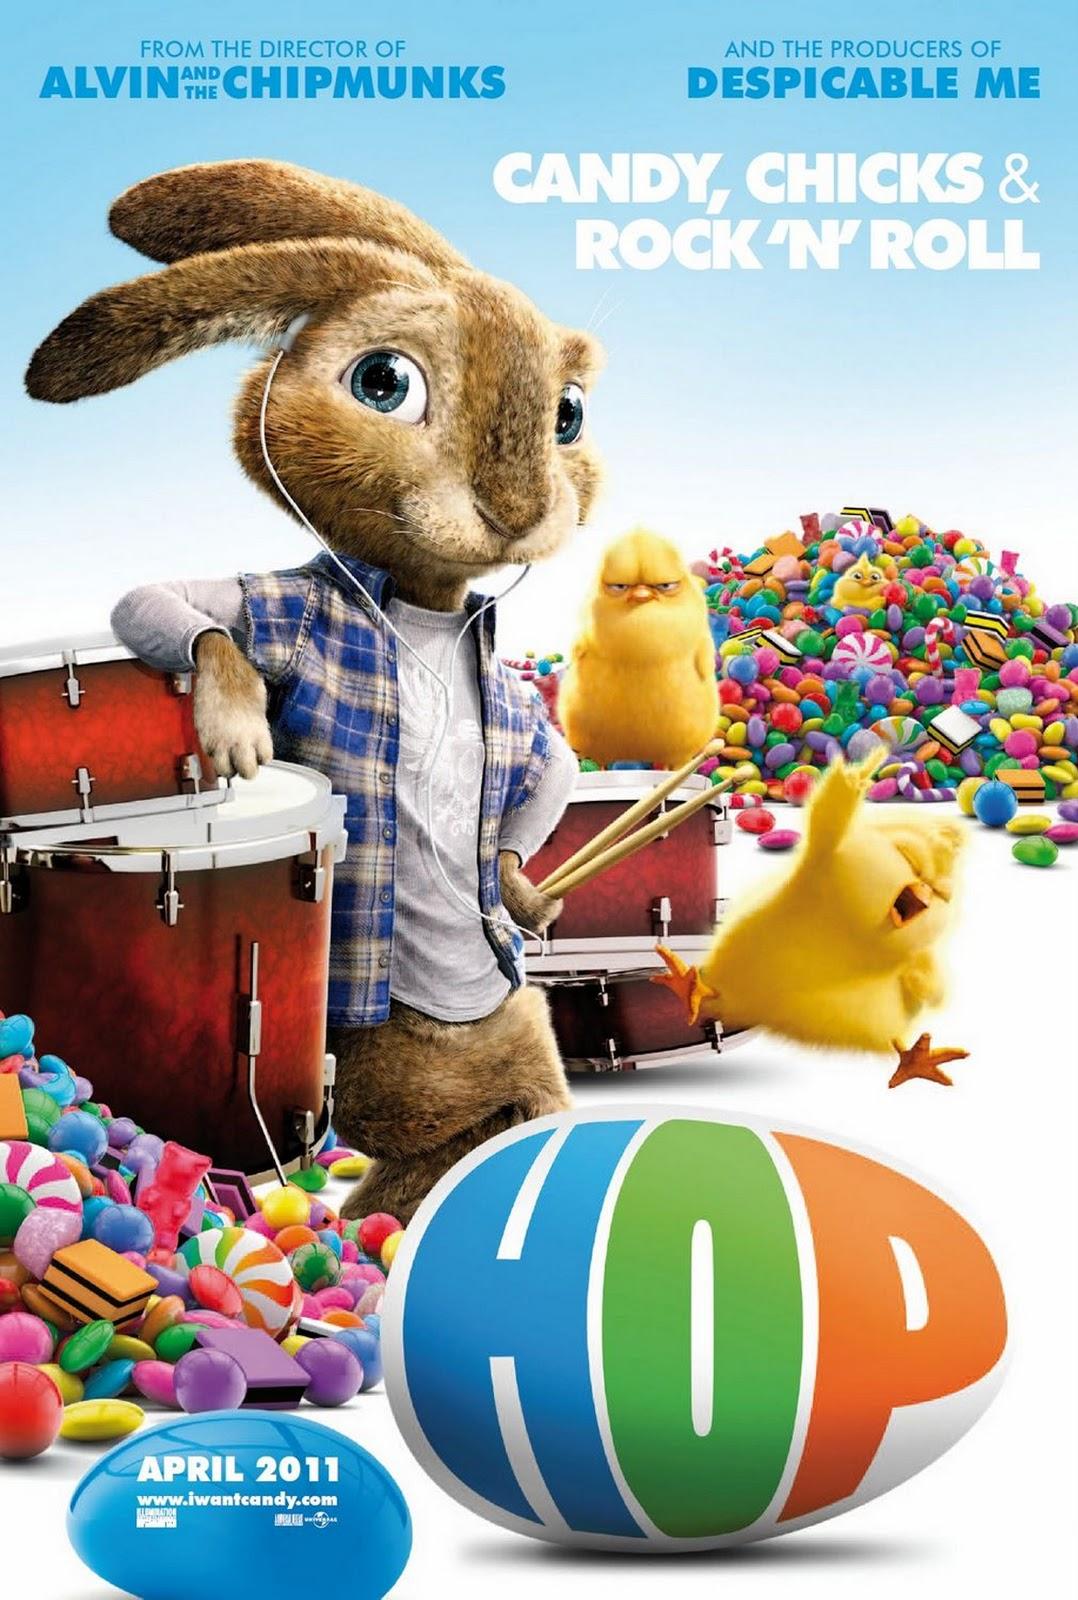 http://2.bp.blogspot.com/--MNMKIKxylc/Tvb0aaP4BzI/AAAAAAAAGPs/2rZ8JPNGjQo/s1600/hop-movie-poster.jpg